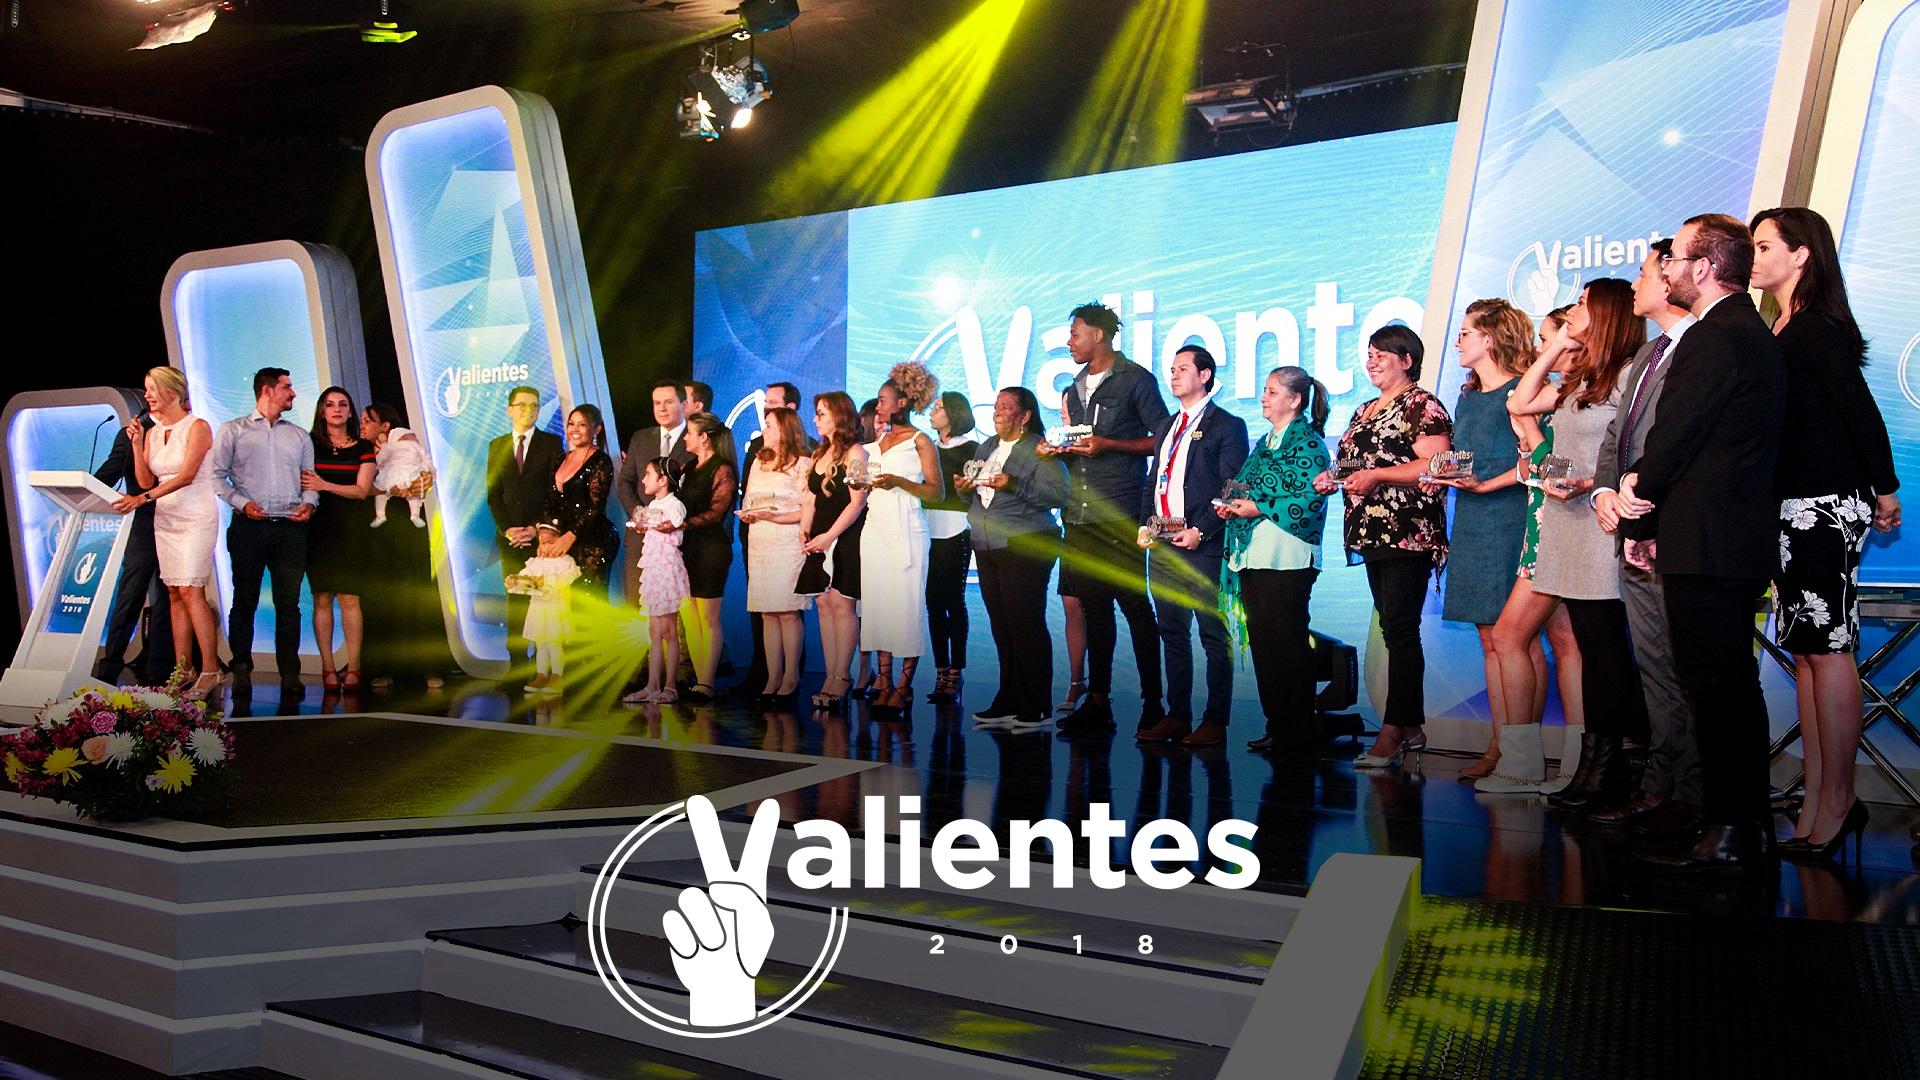 Ceremonia de premiación Valientes RCN 2018